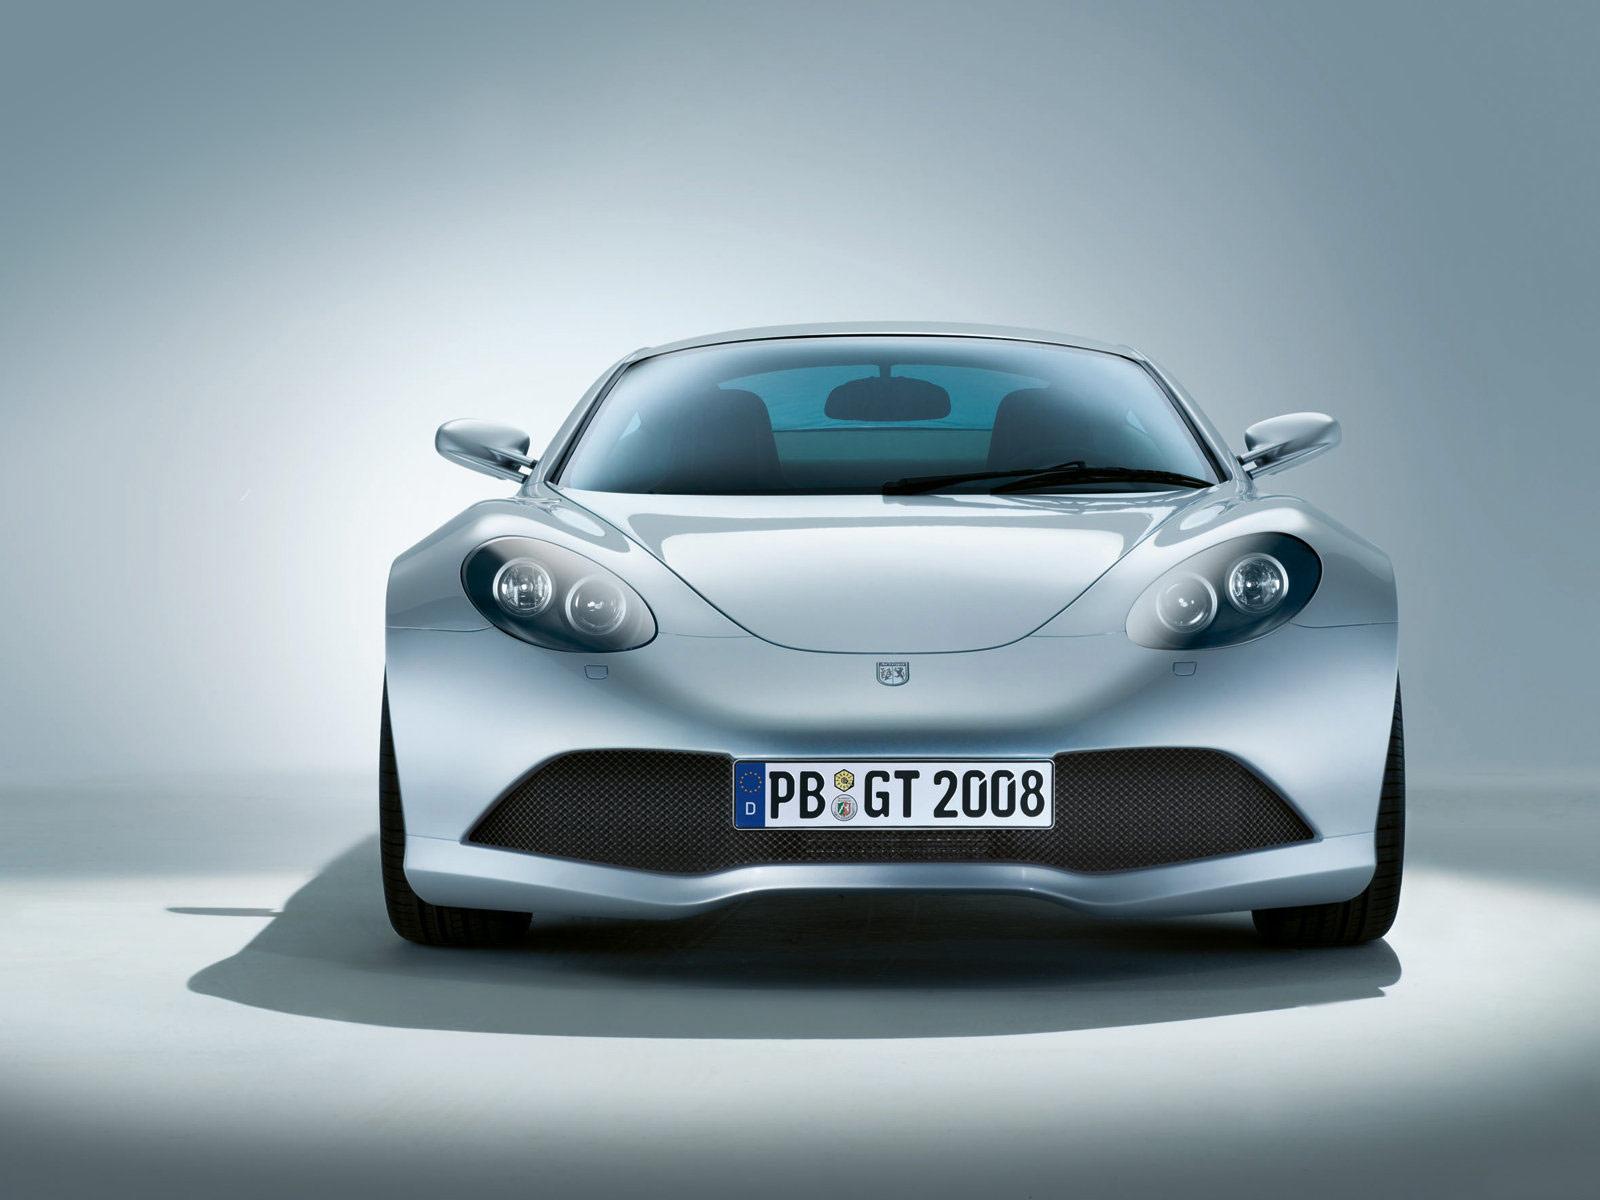 http://3.bp.blogspot.com/-WZanCwKjZ3U/TszbXw2QQWI/AAAAAAAAEnQ/31g39QNtf8I/s1600/2008-Artega-GT_car-desktop-wallpaper_4.jpg